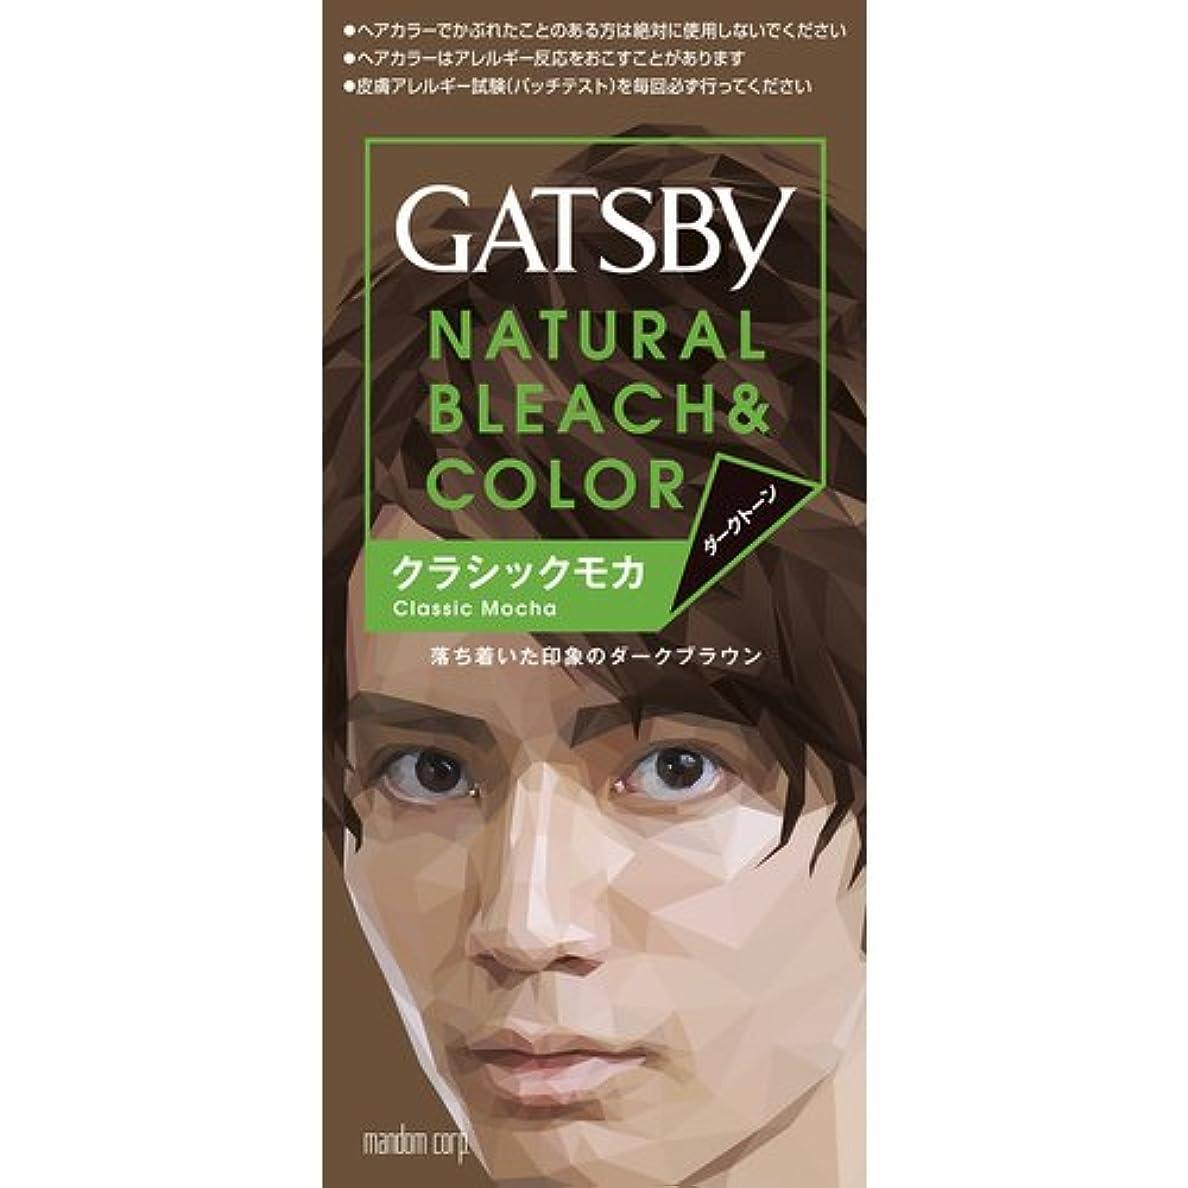 処分した移行する代数ギャツビー(GATSBY) ナチュラルブリーチカラー クラシックモカ 35g+70ml [医薬部外品]